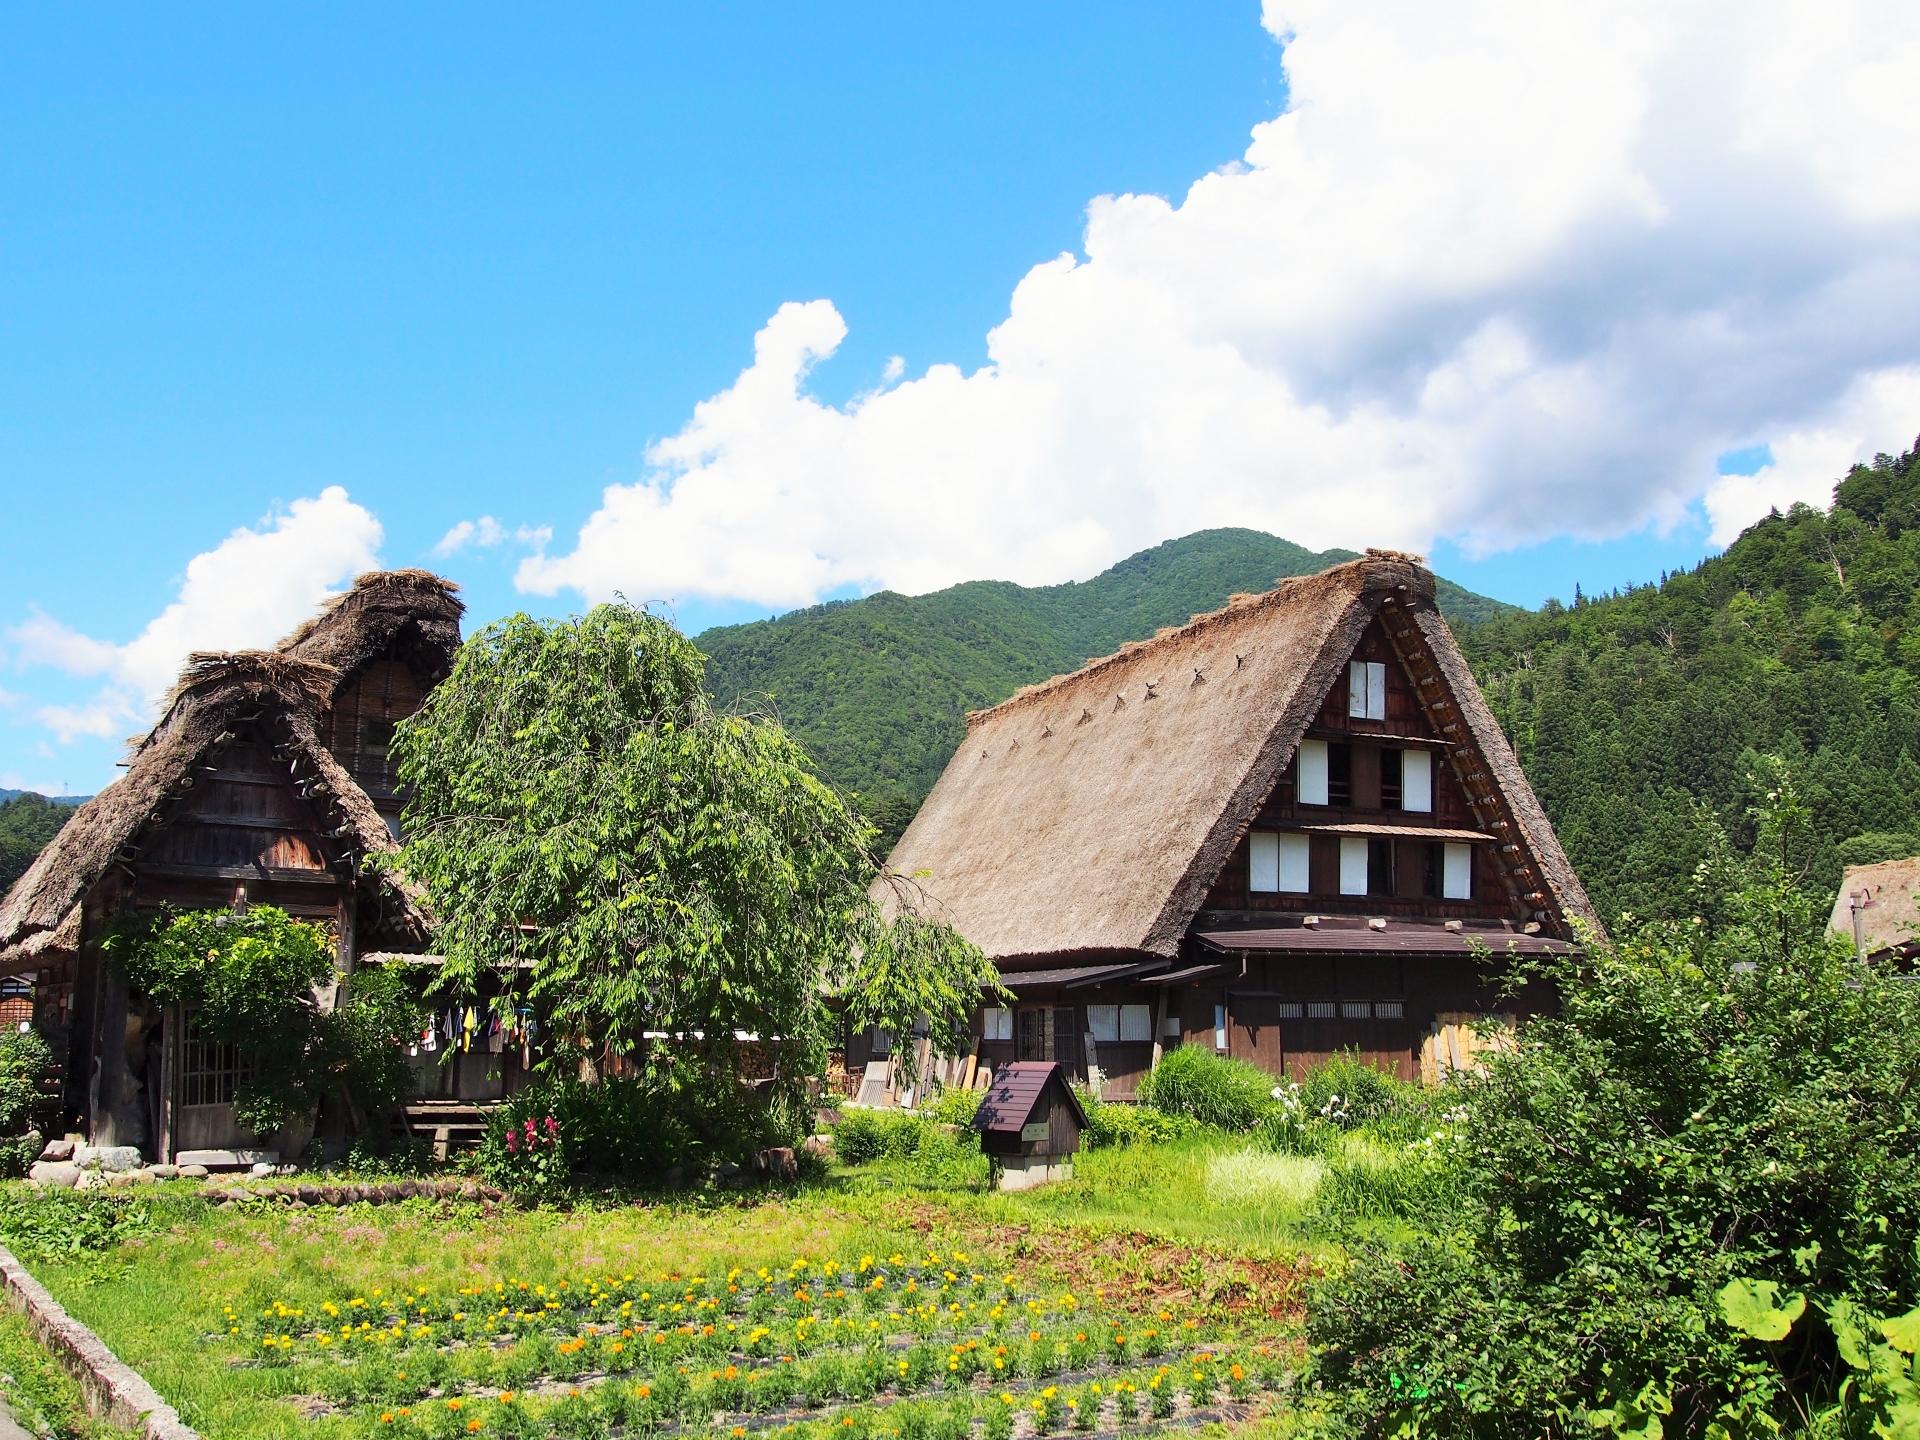 從高山出發:參觀白川村和五箇山地區。